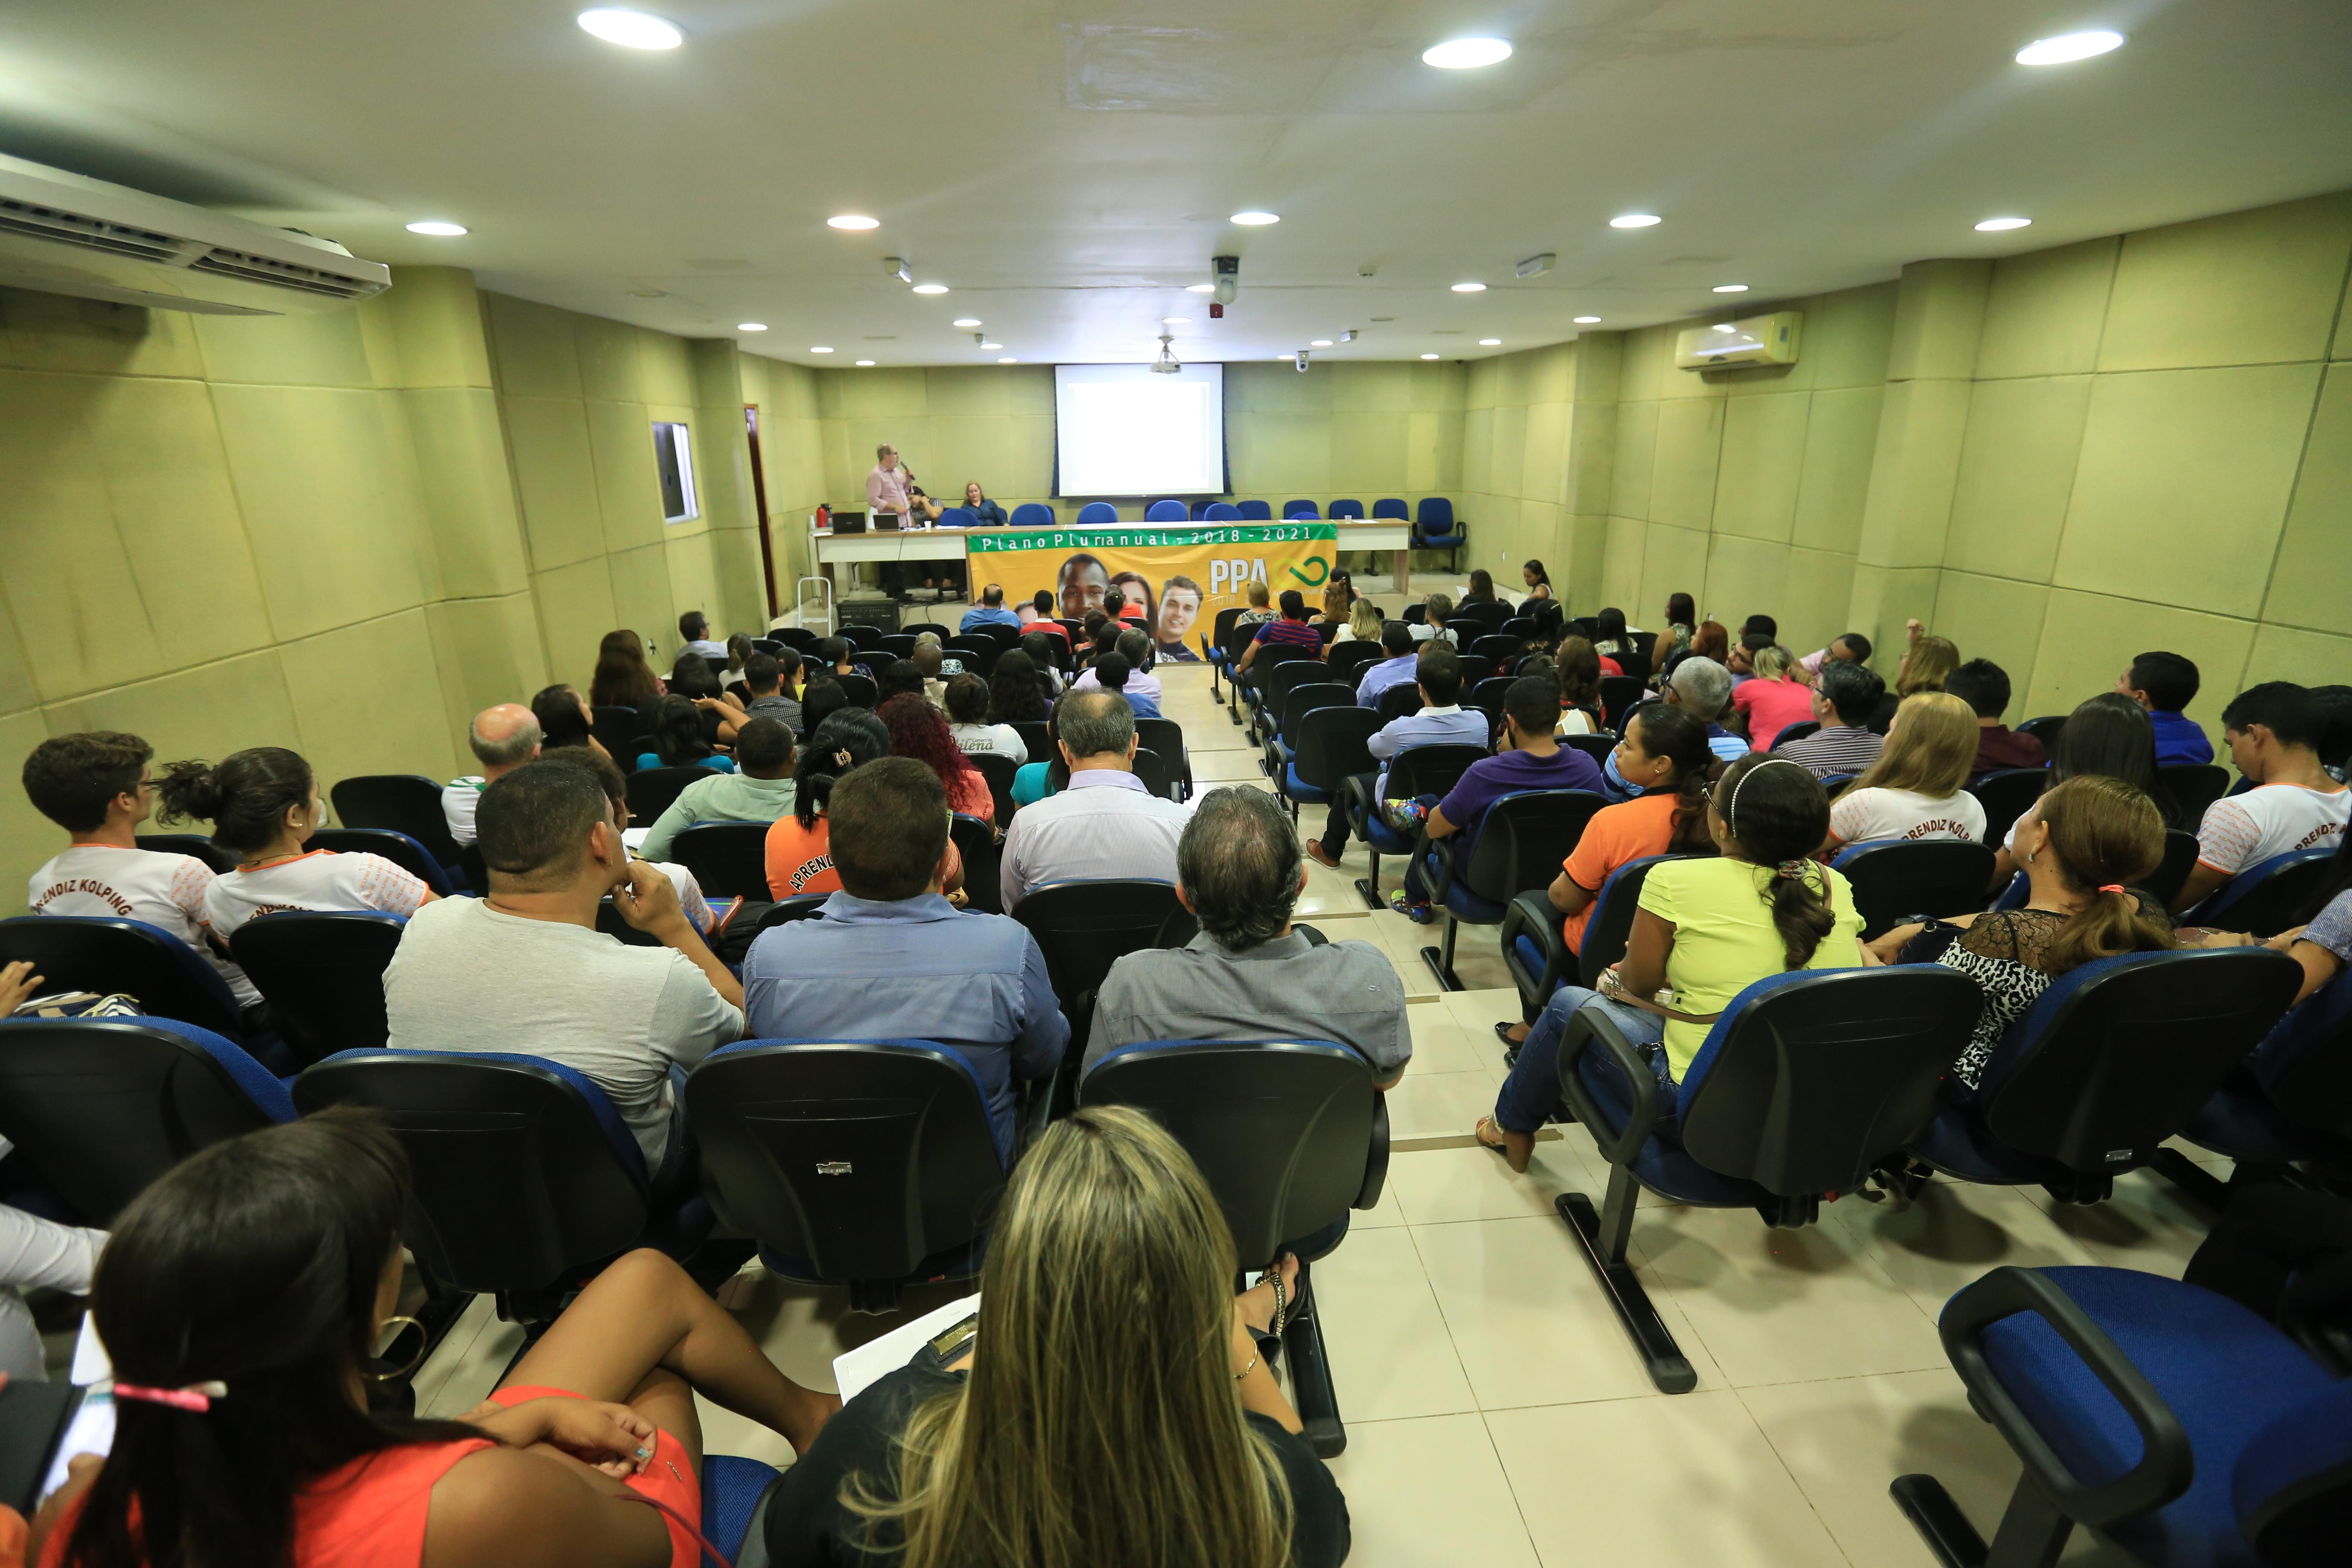 PREFEITURA REALIZA NESTA SEXTA  AUDIÊNCIA PÚBLICA FINAL PARA REVISÃO DO PLANO DIRETOR